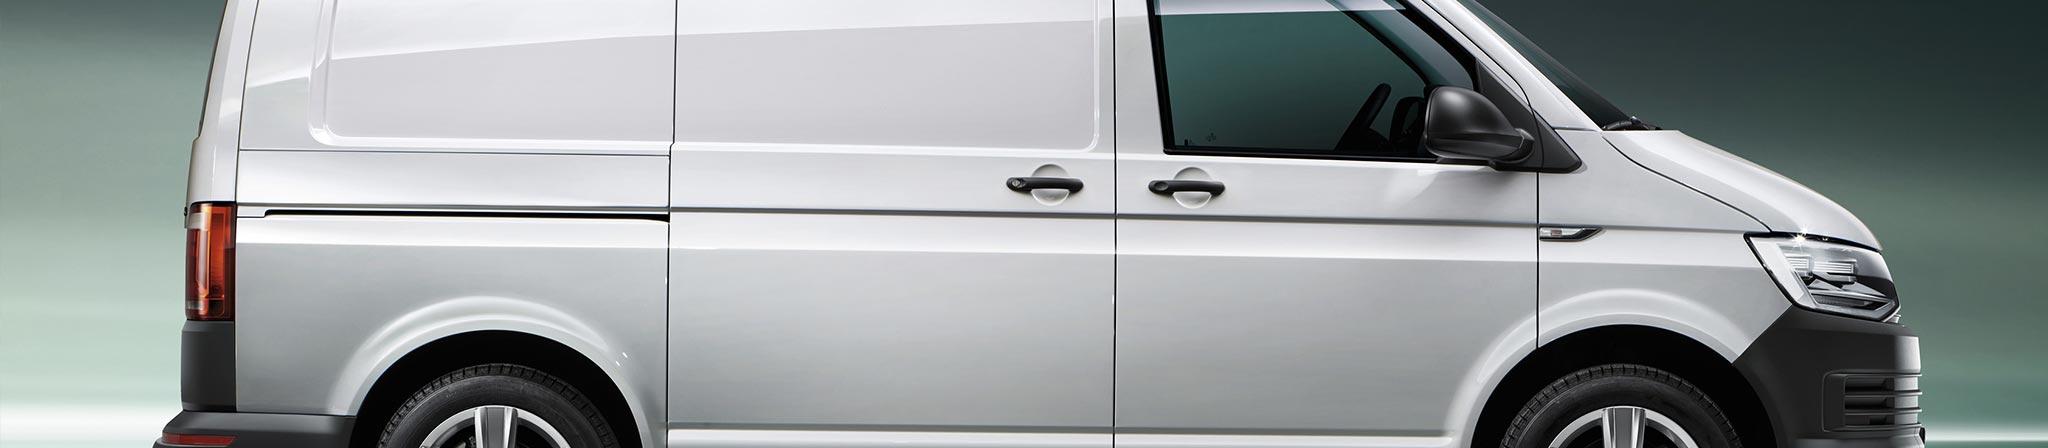 Фольксваген Транспортер Т6: возможности и багажники